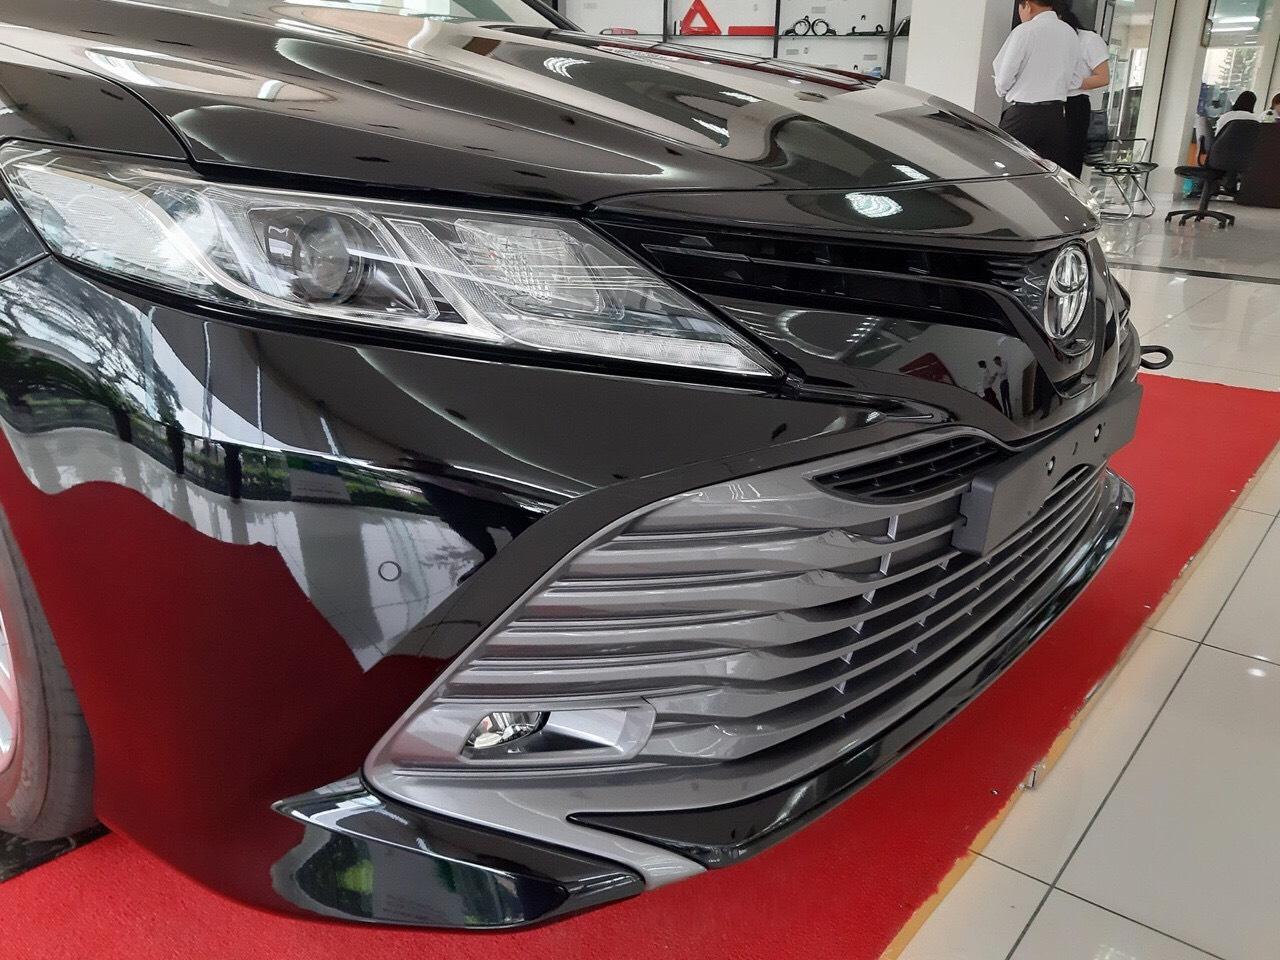 Toyota Camry 2.0G ảnh 1 - Camry 2.0G [hienthinam]: giá xe và khuyến mãi tháng [hienthithang]